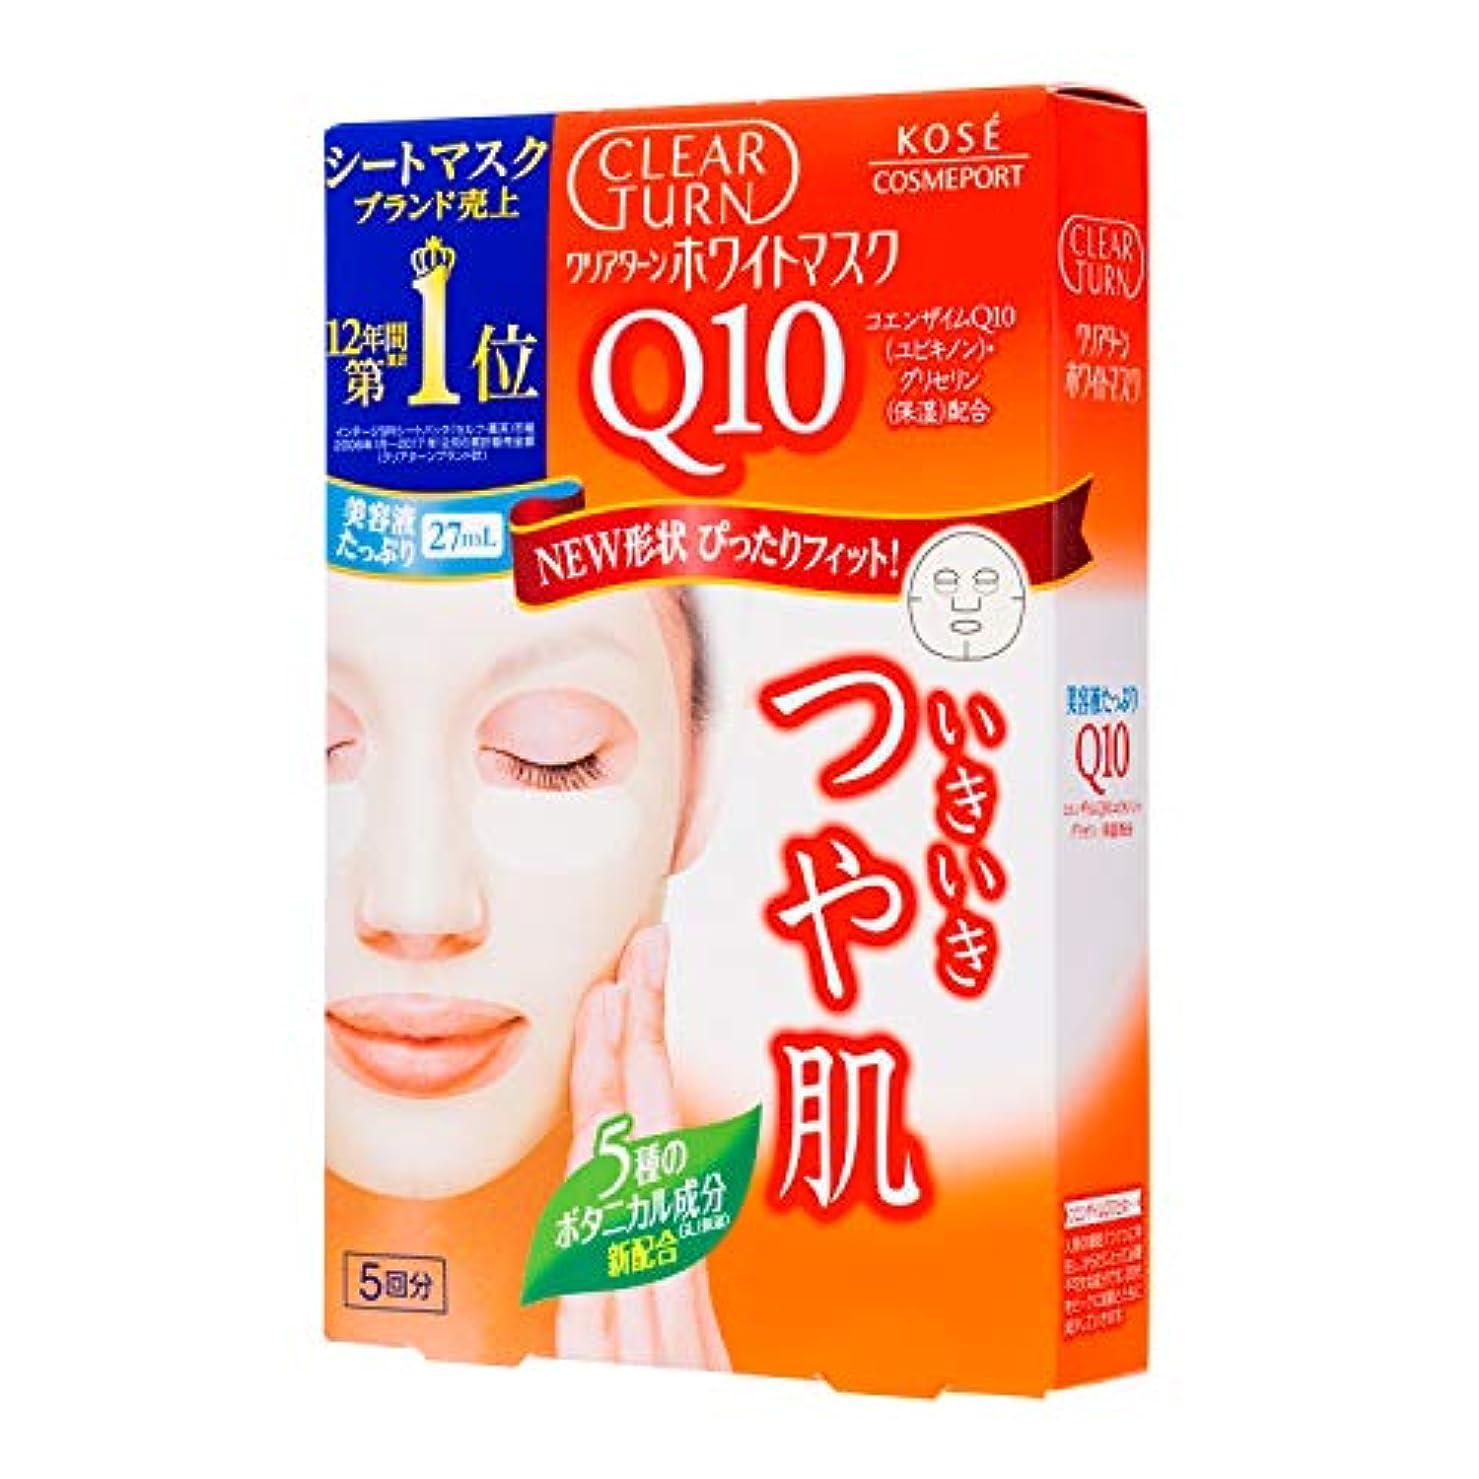 危険にさらされている告発と闘うクリアターン ホワイト マスク Q10 c (コエンザイムQ10) 5回分